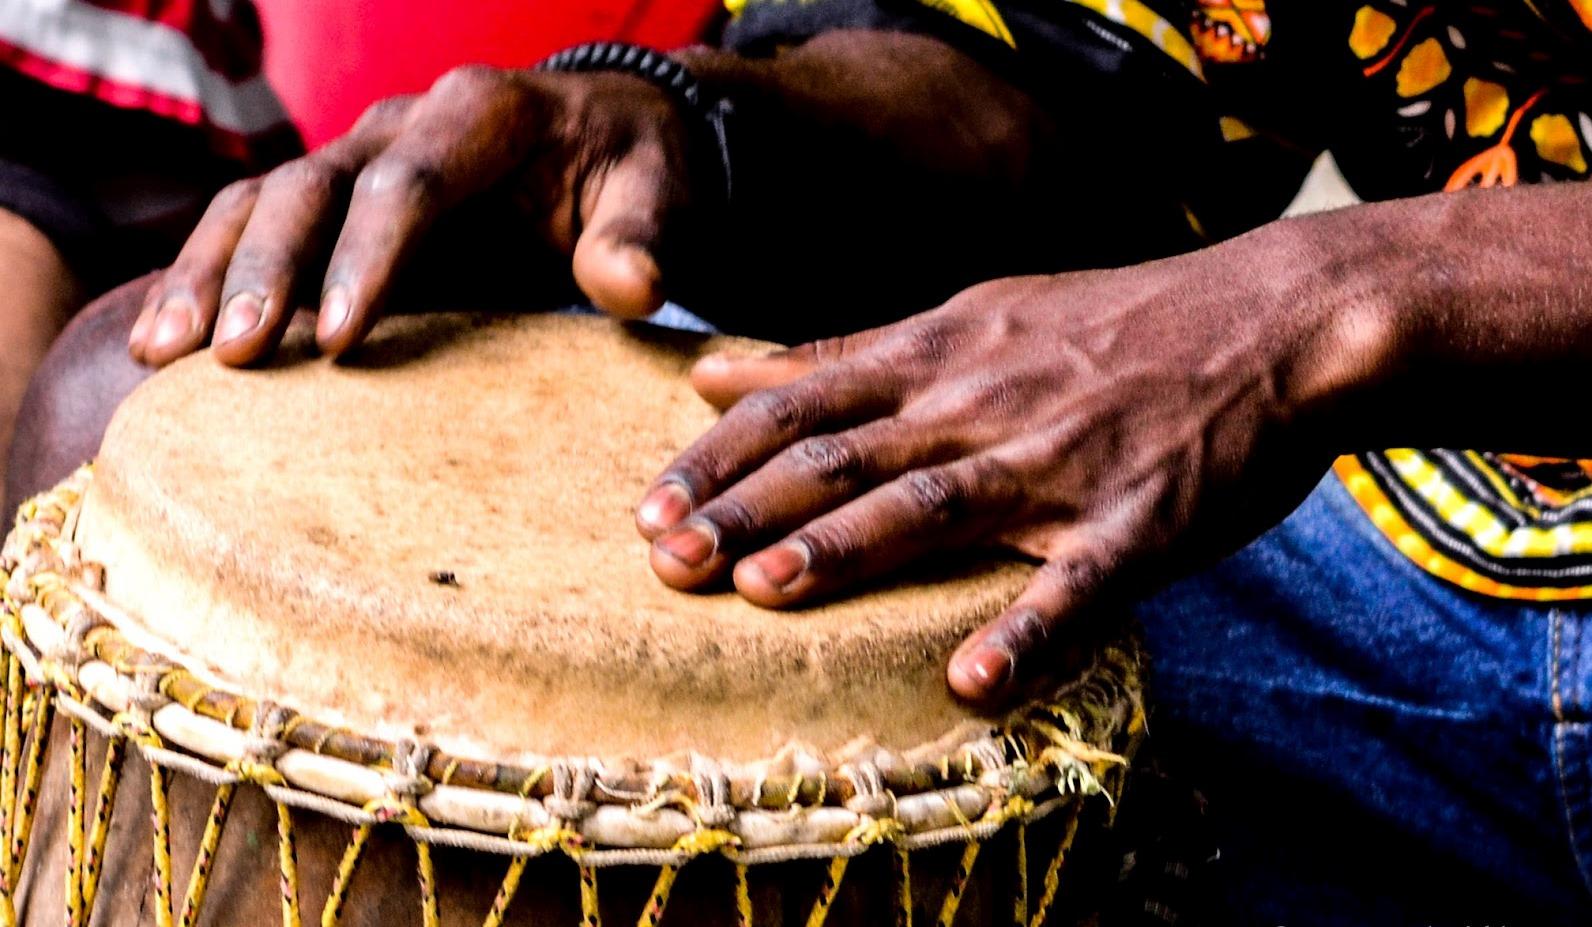 La imagen muestra dos manos tocando un tambor afro-brasileño.